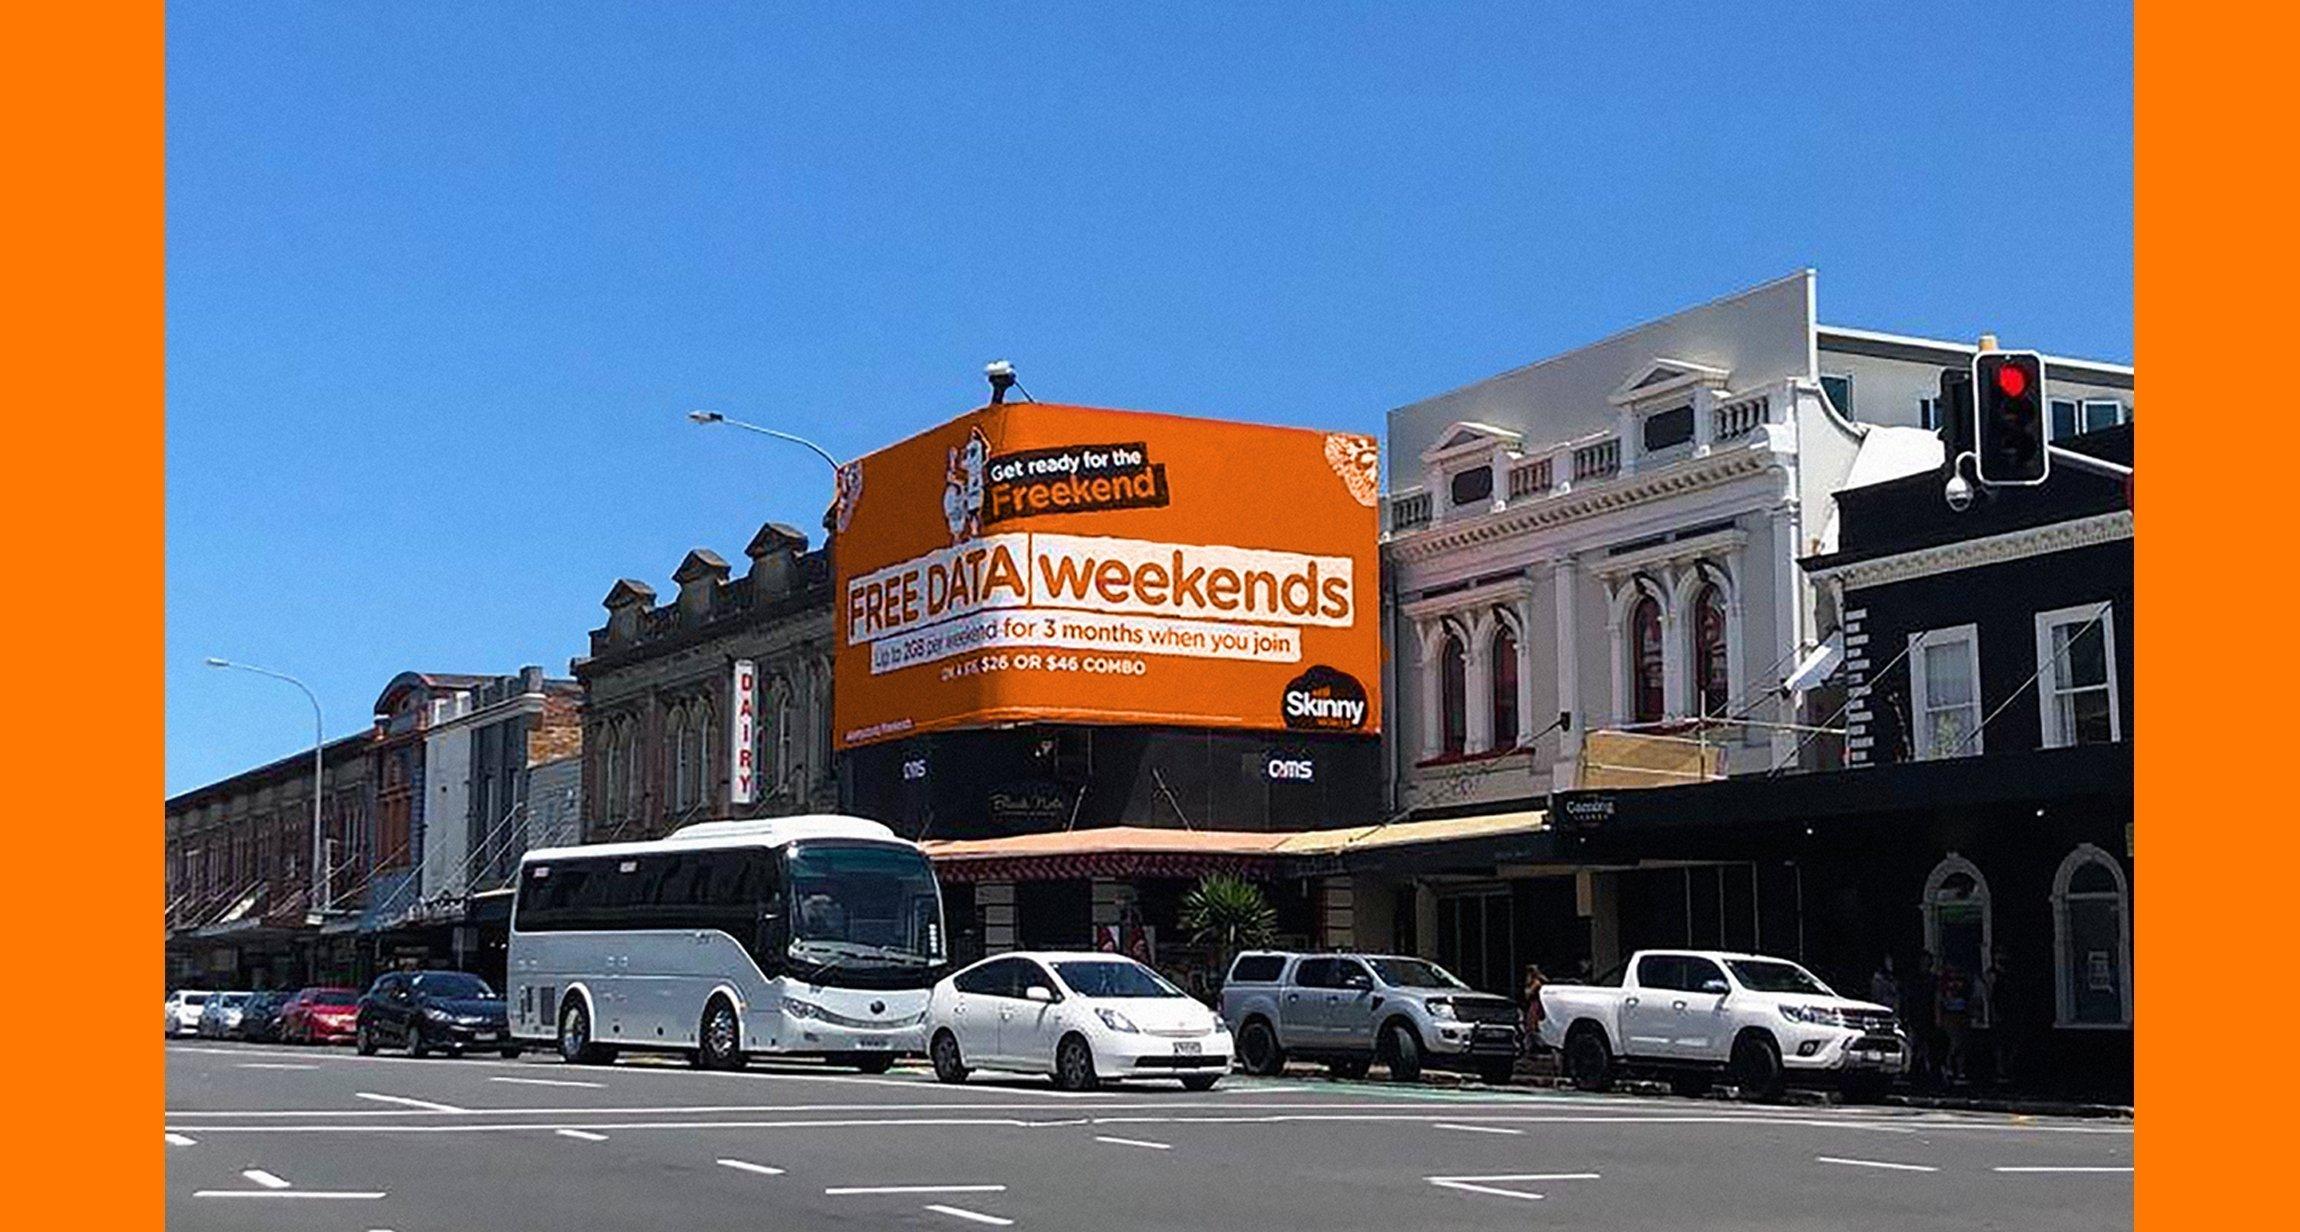 Carousel Billboard 1680x900px 1